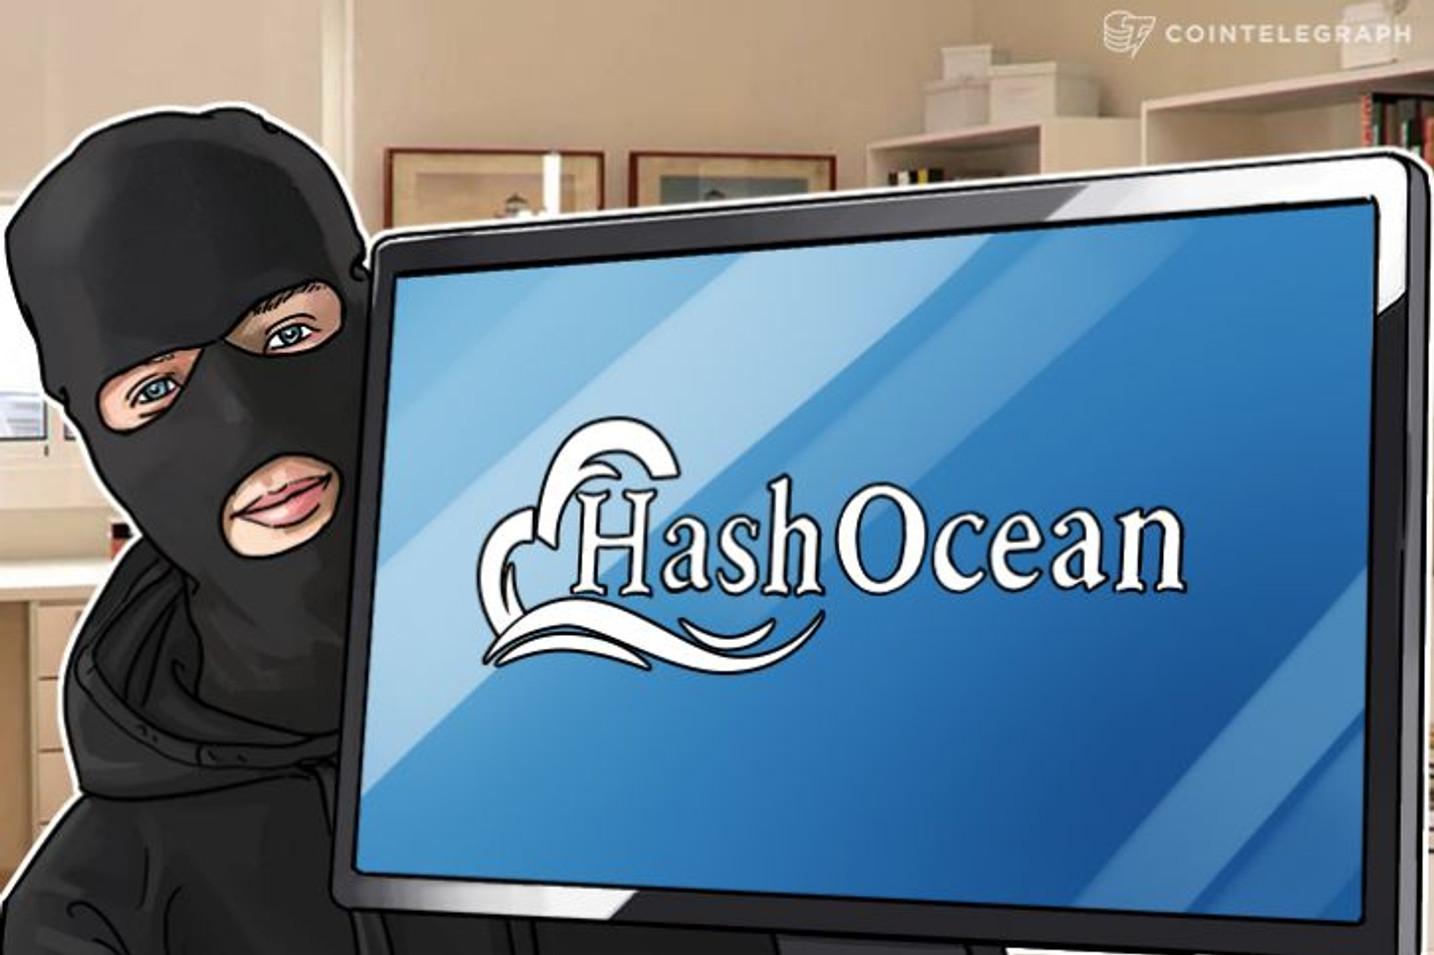 HashOcean Responde, cita um Hack, e diz pronta a retomar pagamentos